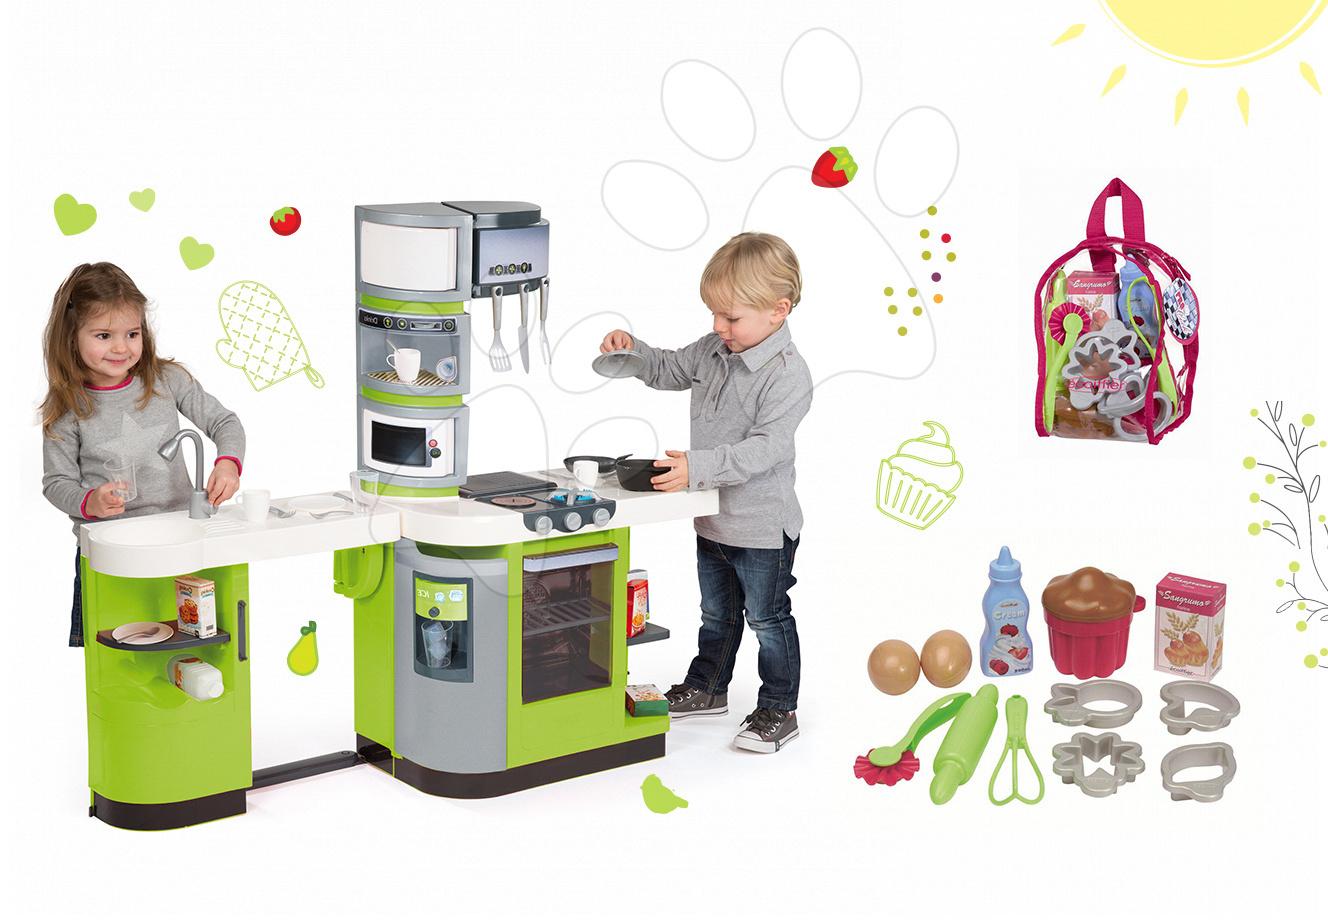 Kuchynky pre deti sety - Set kuchynka CookMaster Verte Smoby s ľadom a zvukmi a doplnky na pečenie v batohu